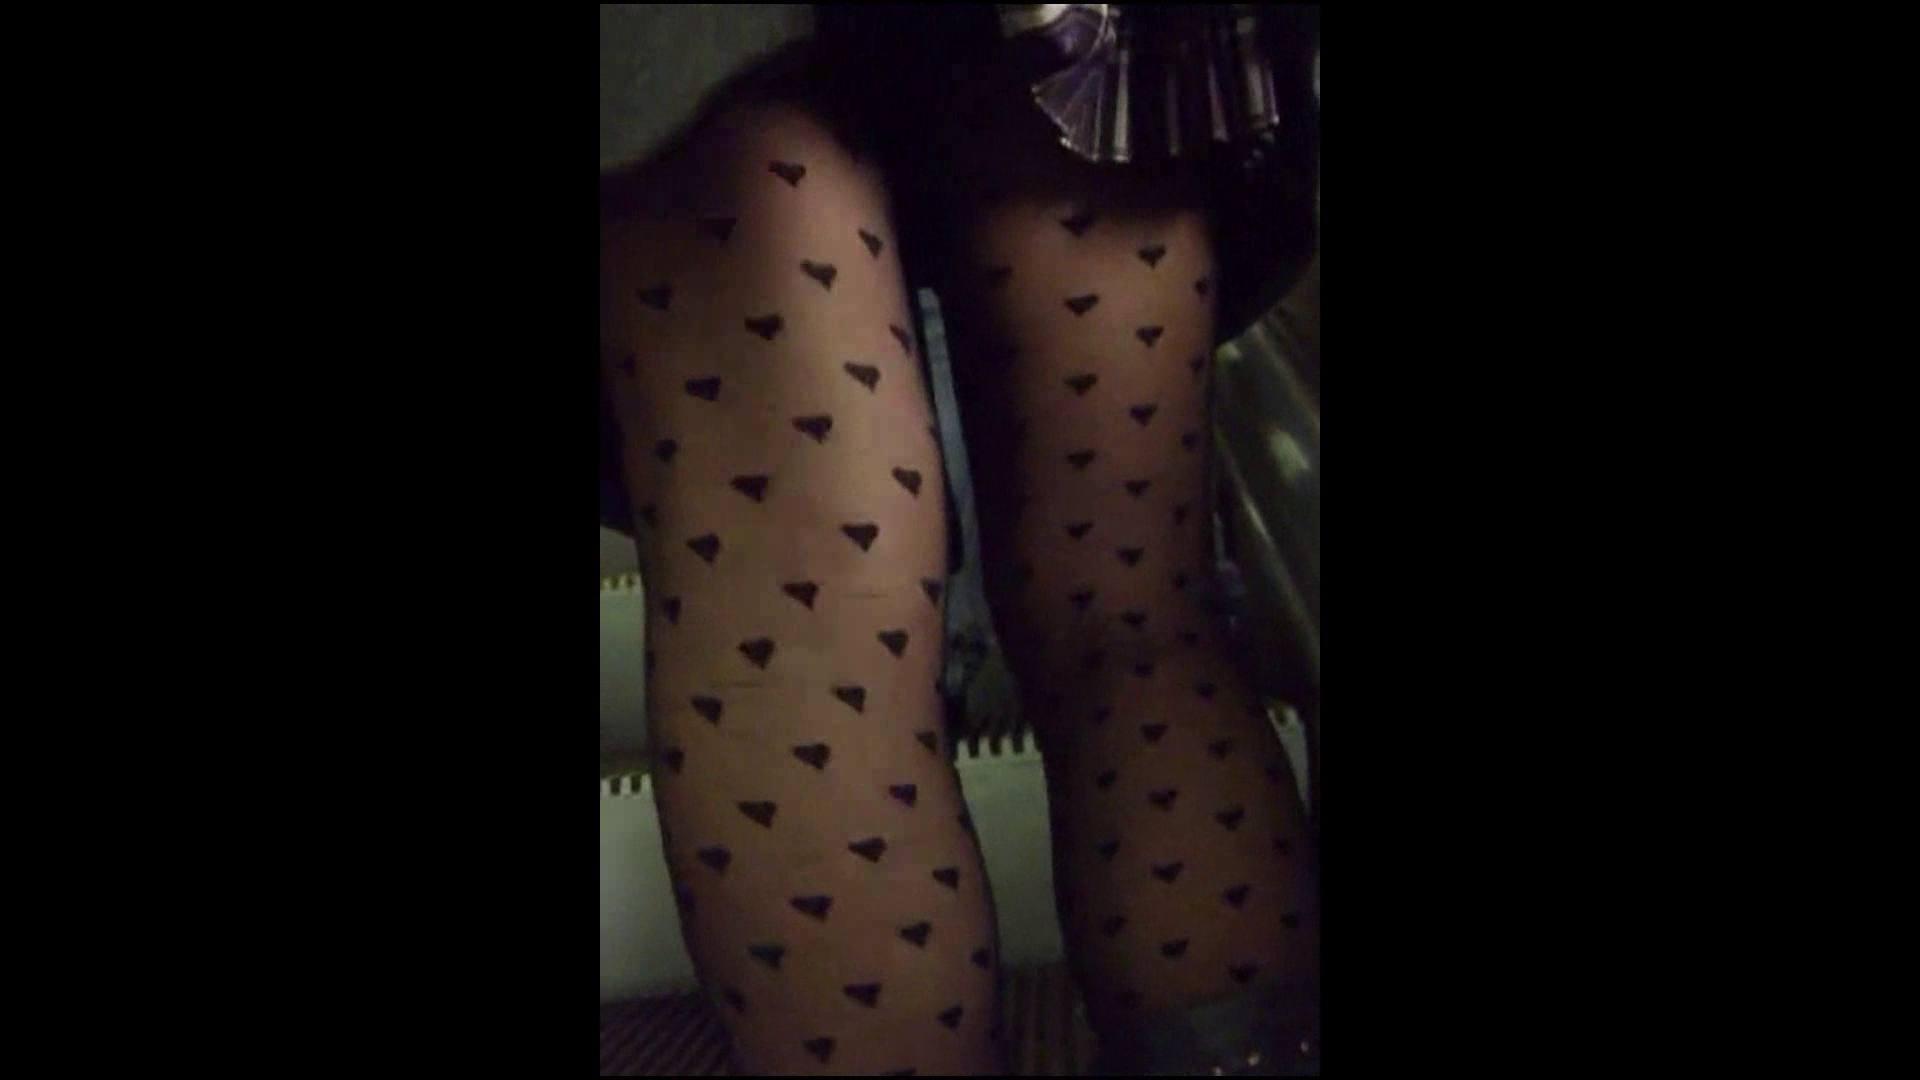 綺麗なモデルさんのスカート捲っちゃおう‼vol05 お姉さんのエロ動画  102PIX 90